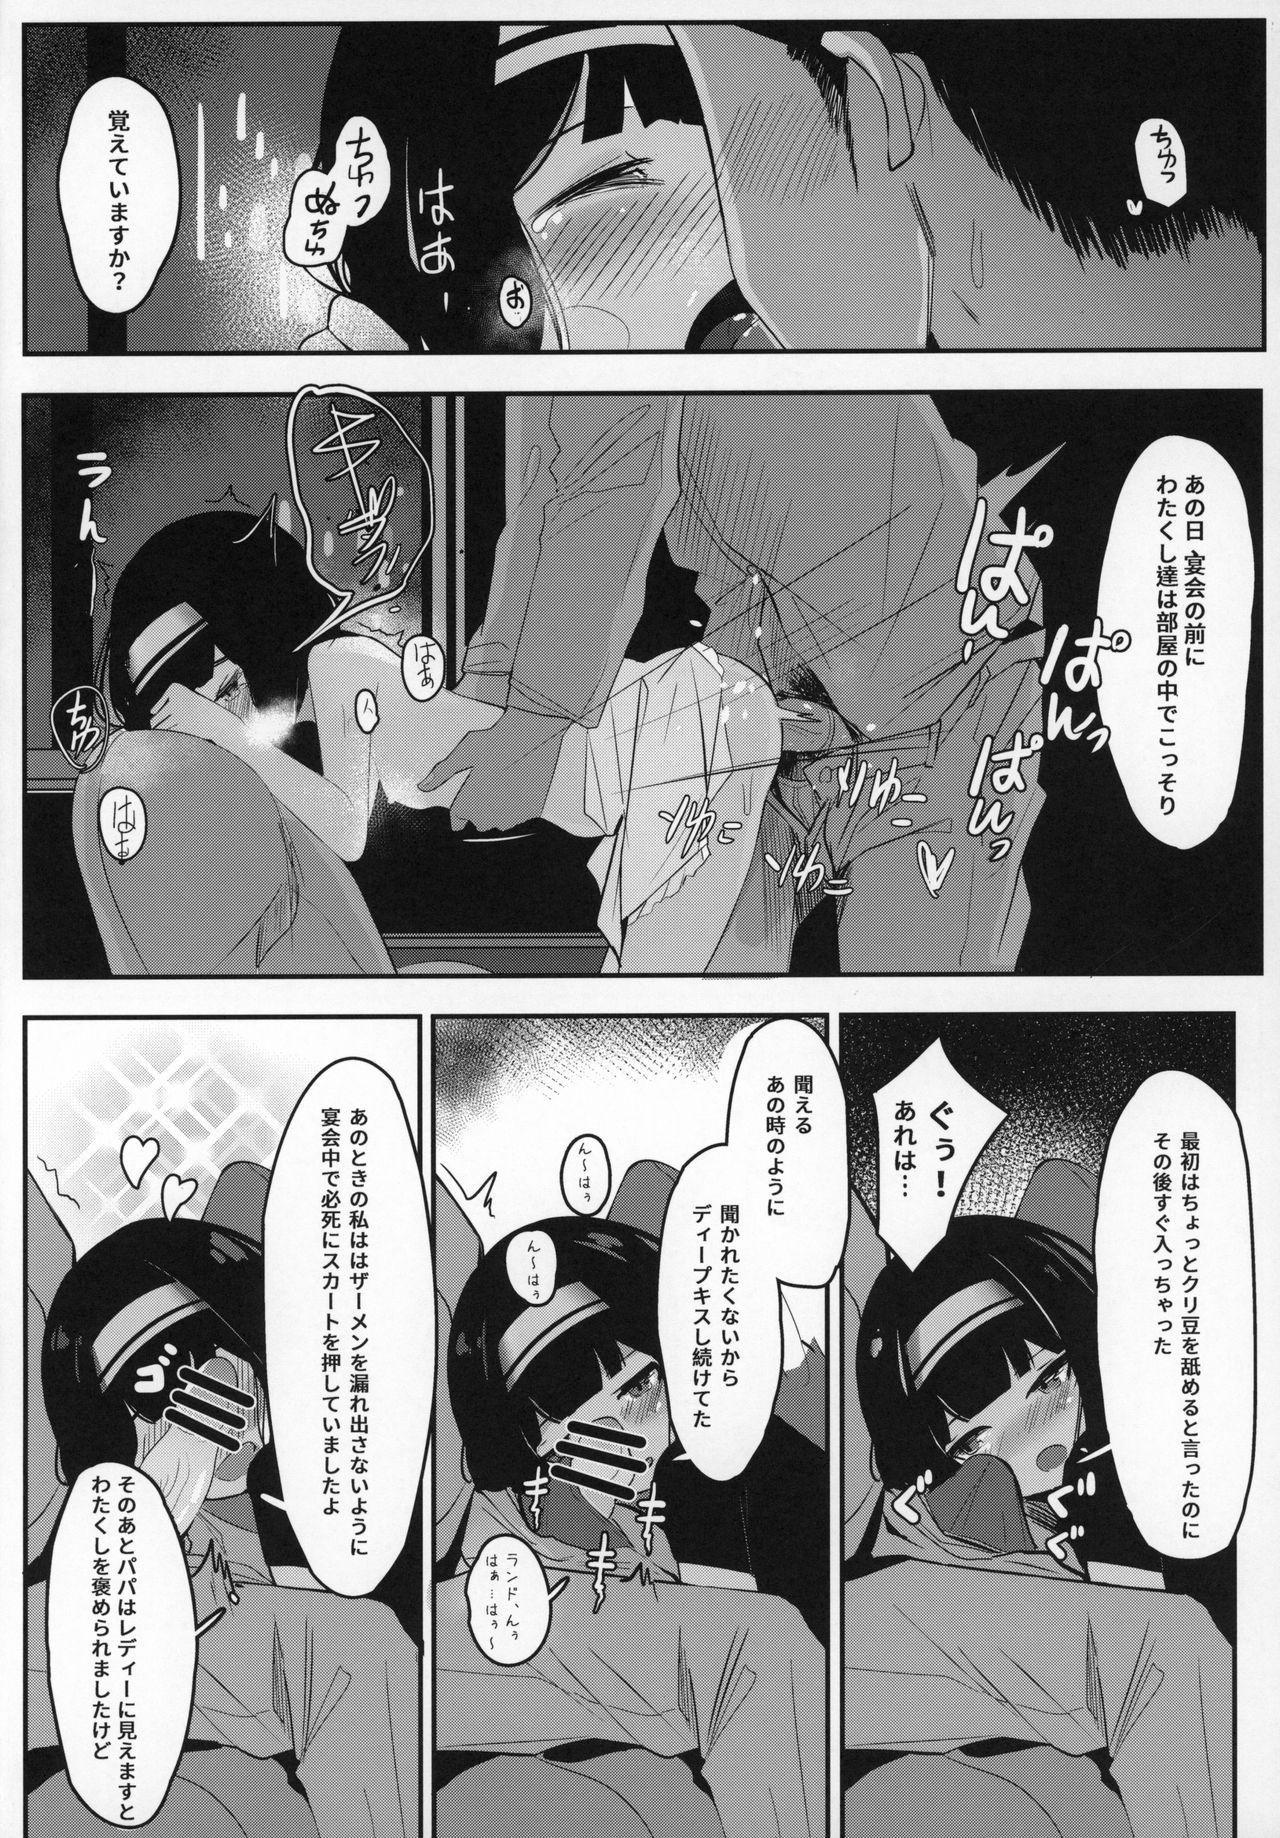 Ojou-sama... Kore ga Saigo desu yo ne? 8